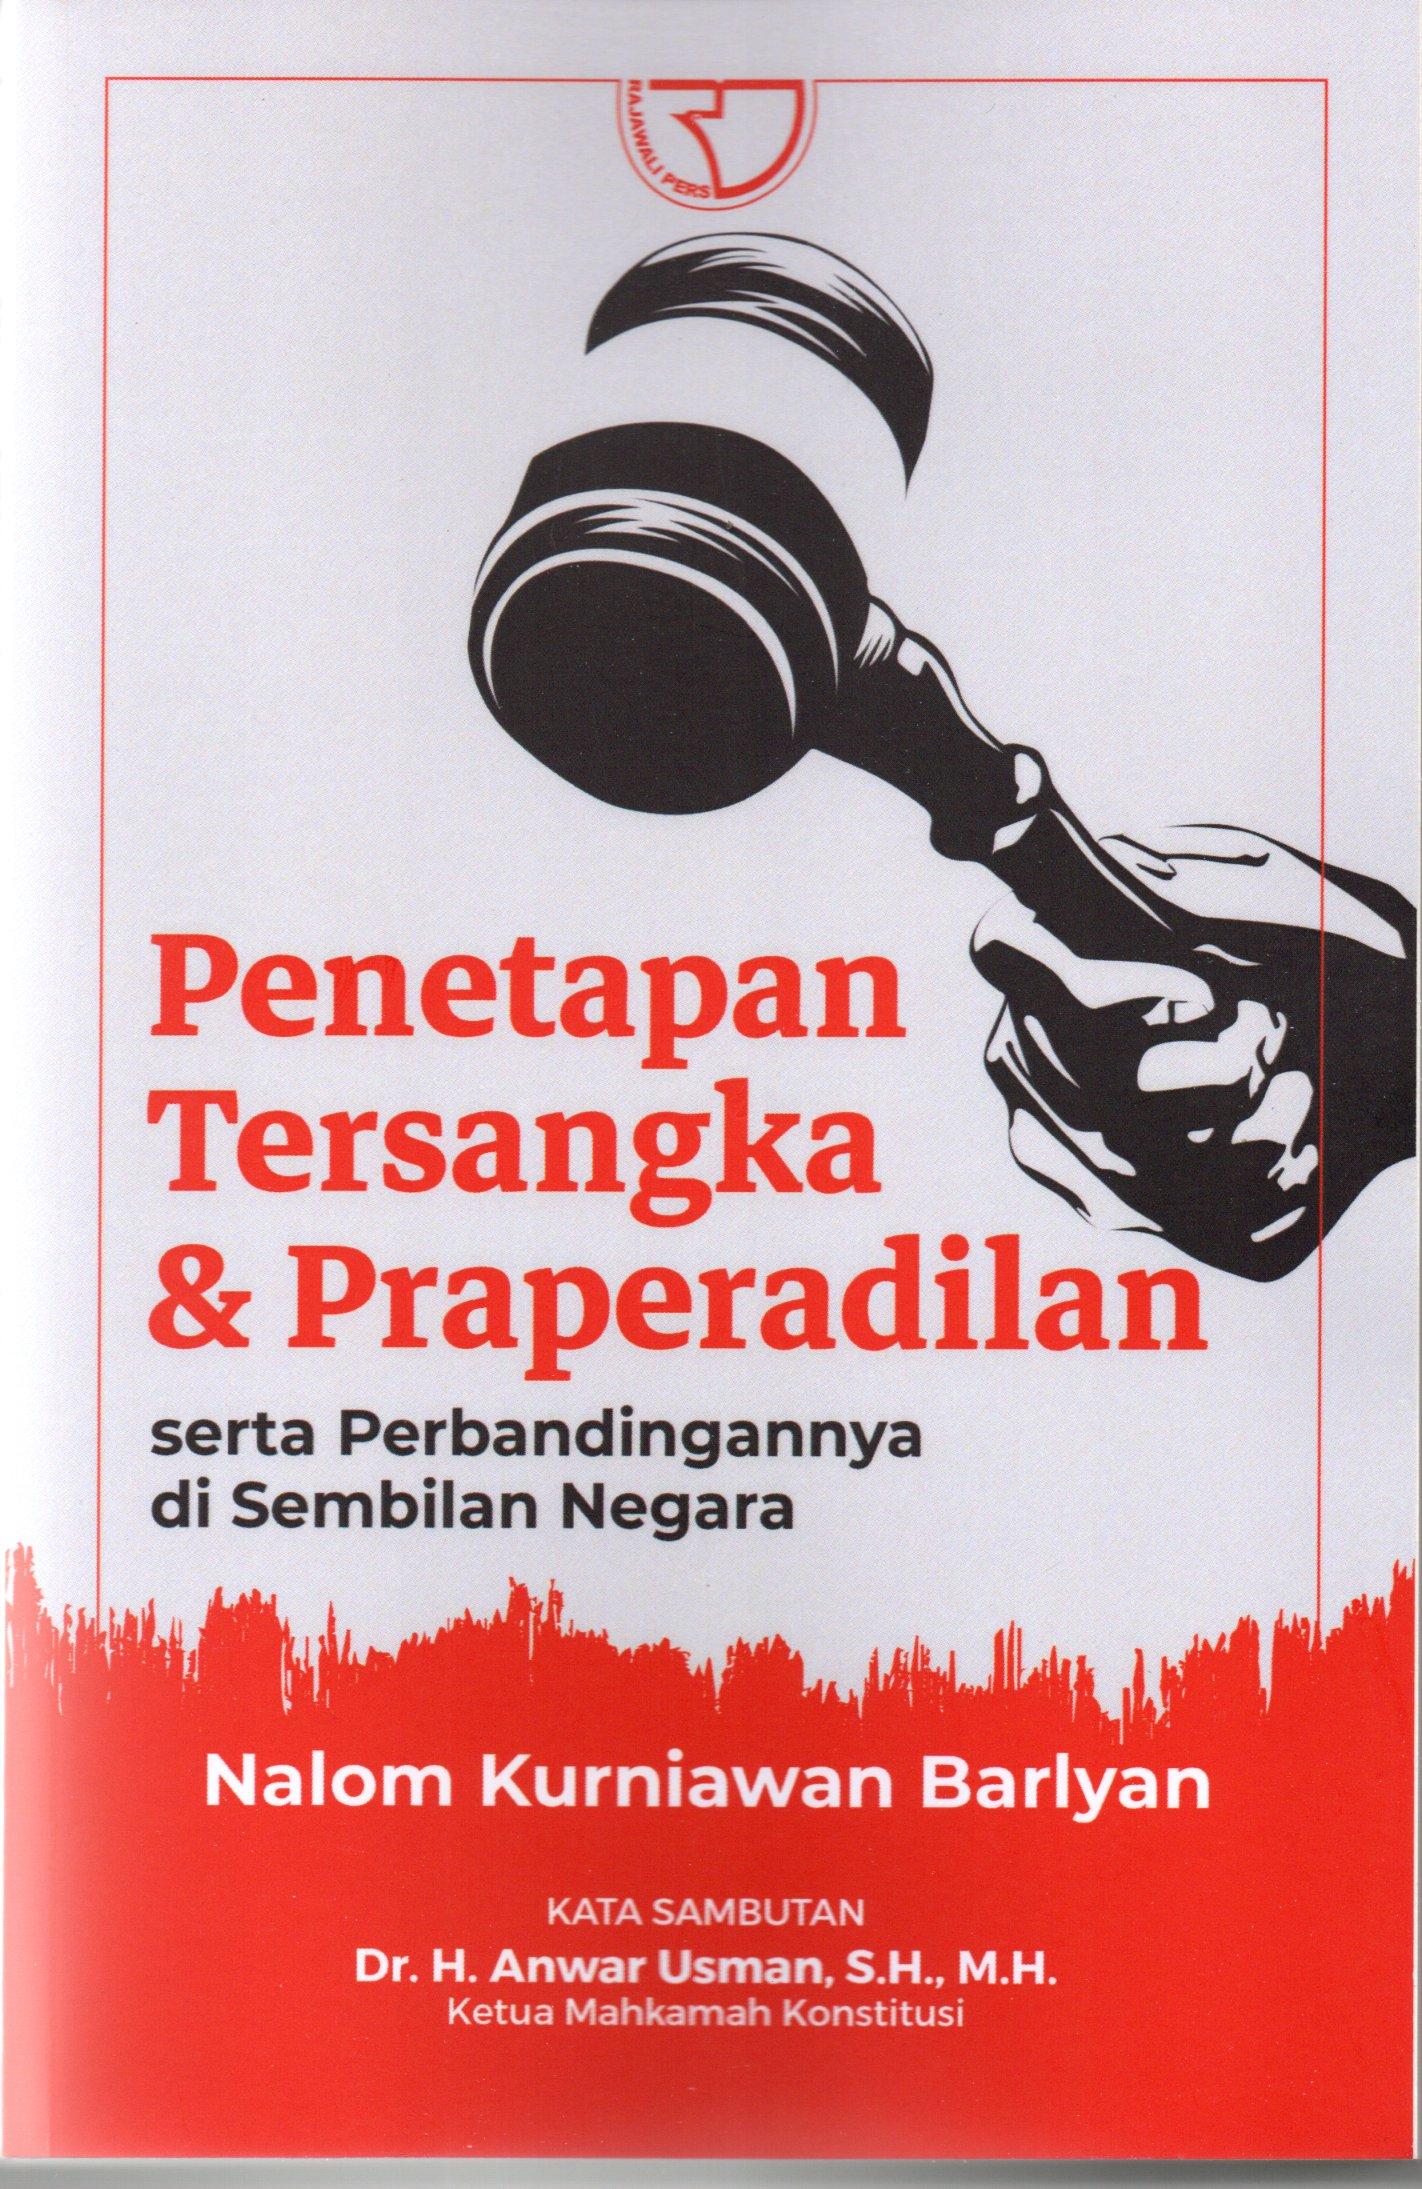 Penetapan tersangka & praperadilan serta perbandingan nya di sembilan negara / Nalom Kurniawan Barlyan